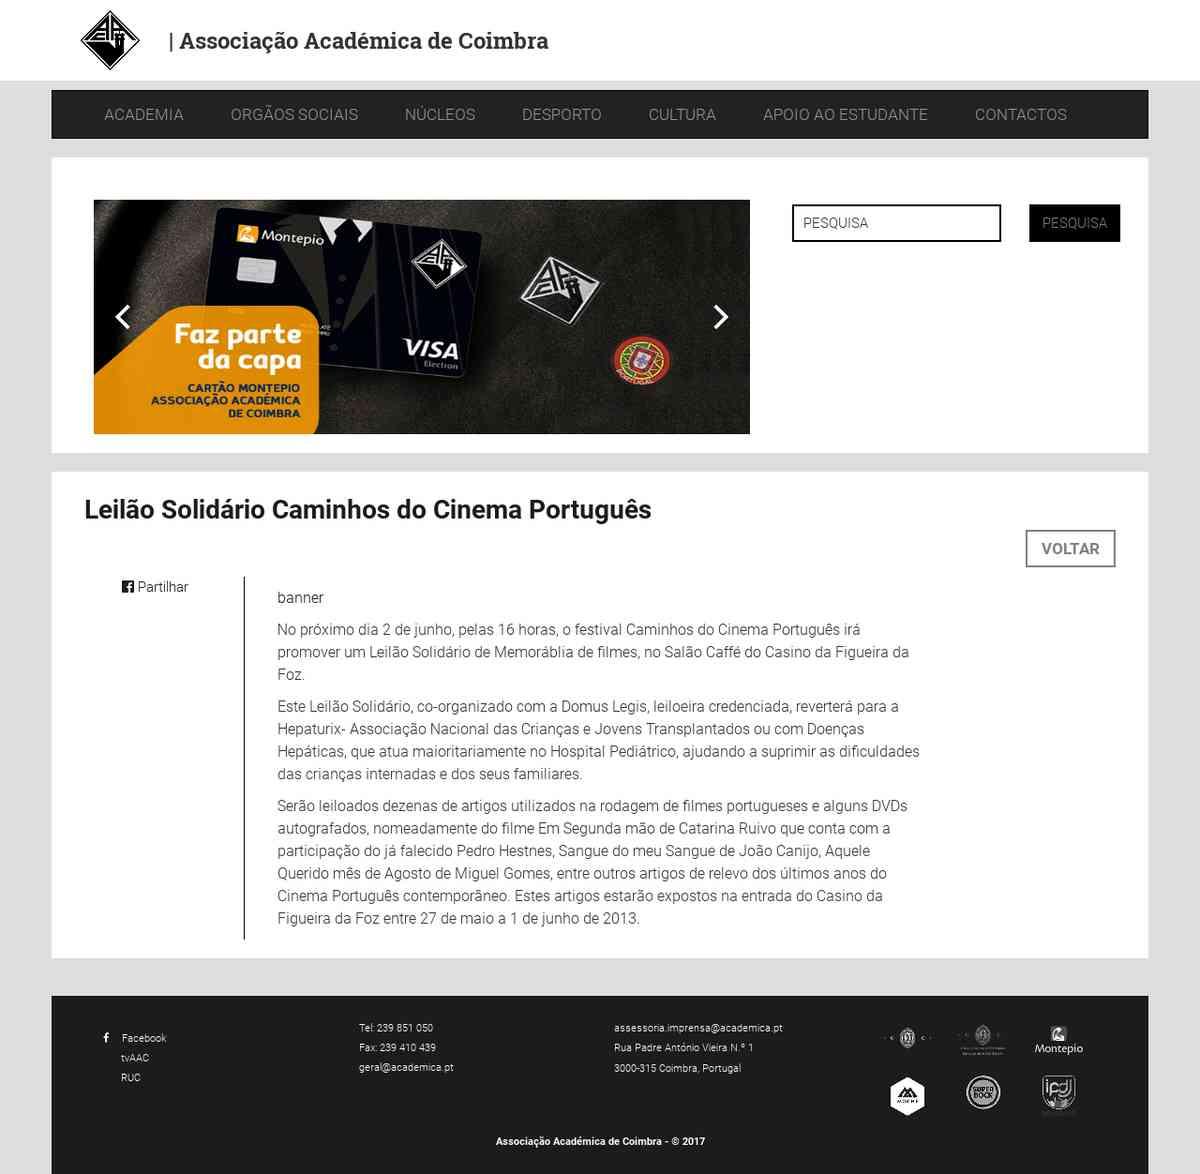 Leilão Solidário Caminhos do Cinema Português | Associação Académica de Coimbra